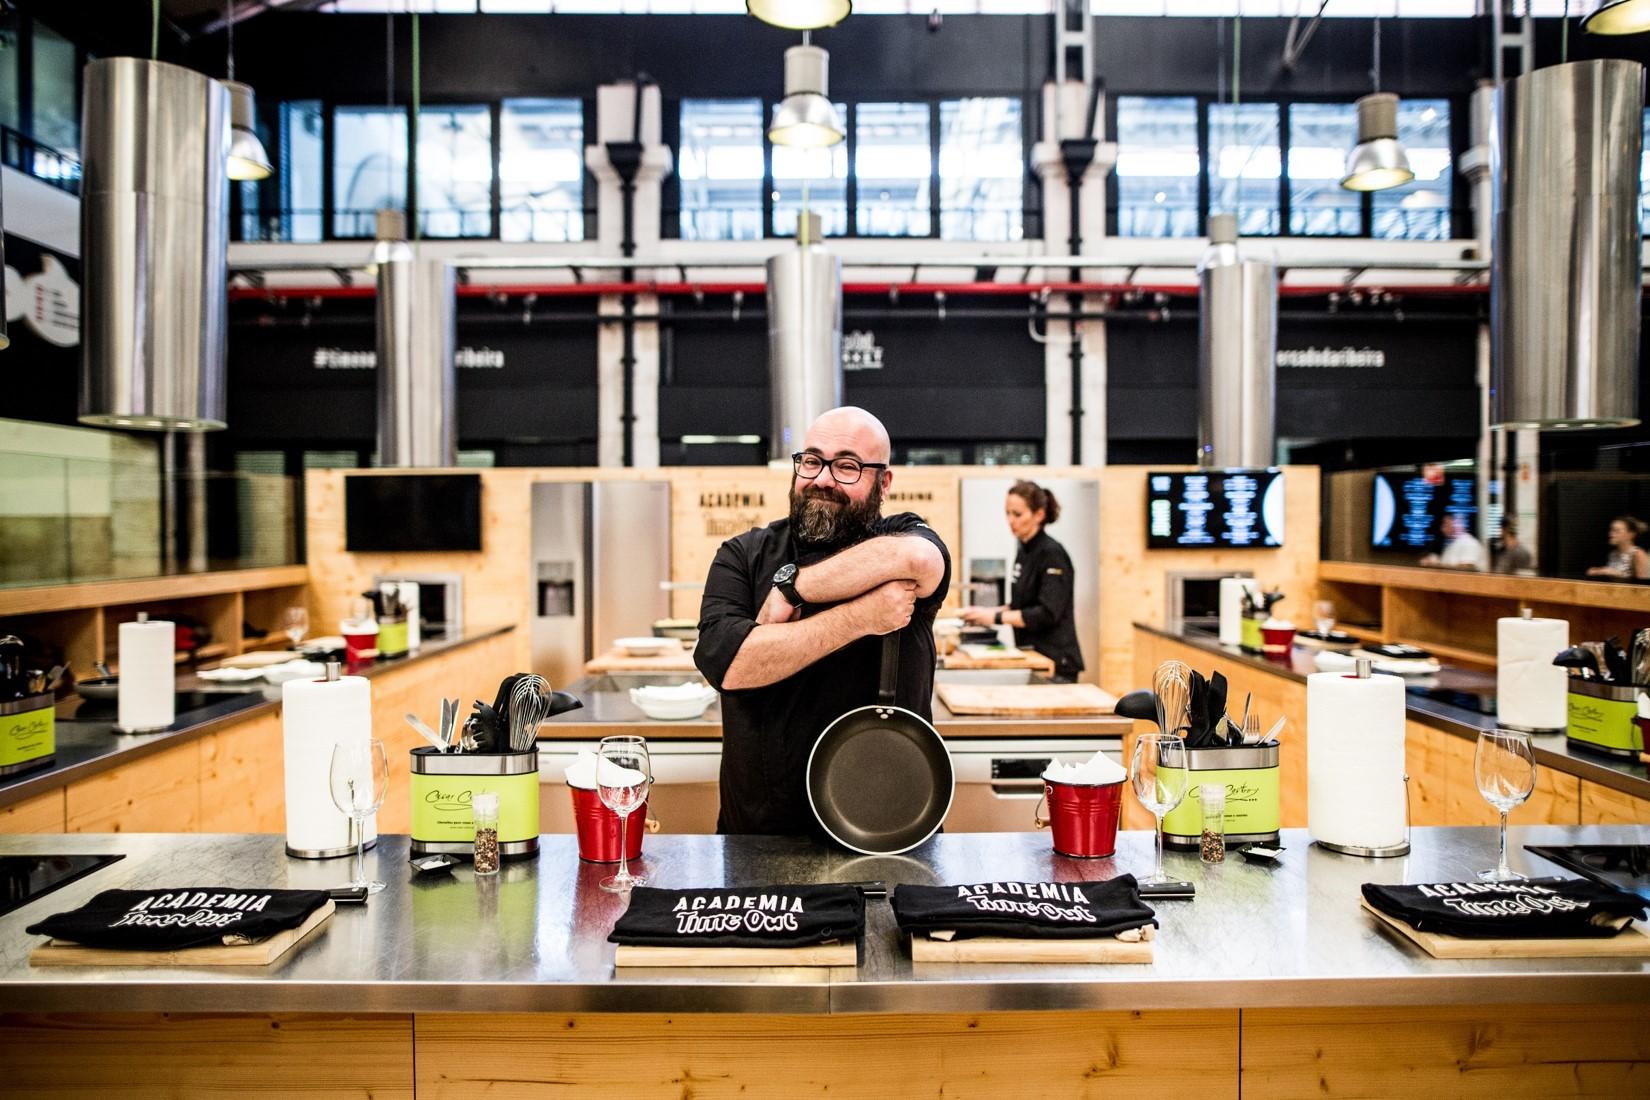 Começar o ano aprender a cozinhar é a proposta da Academia Time Out